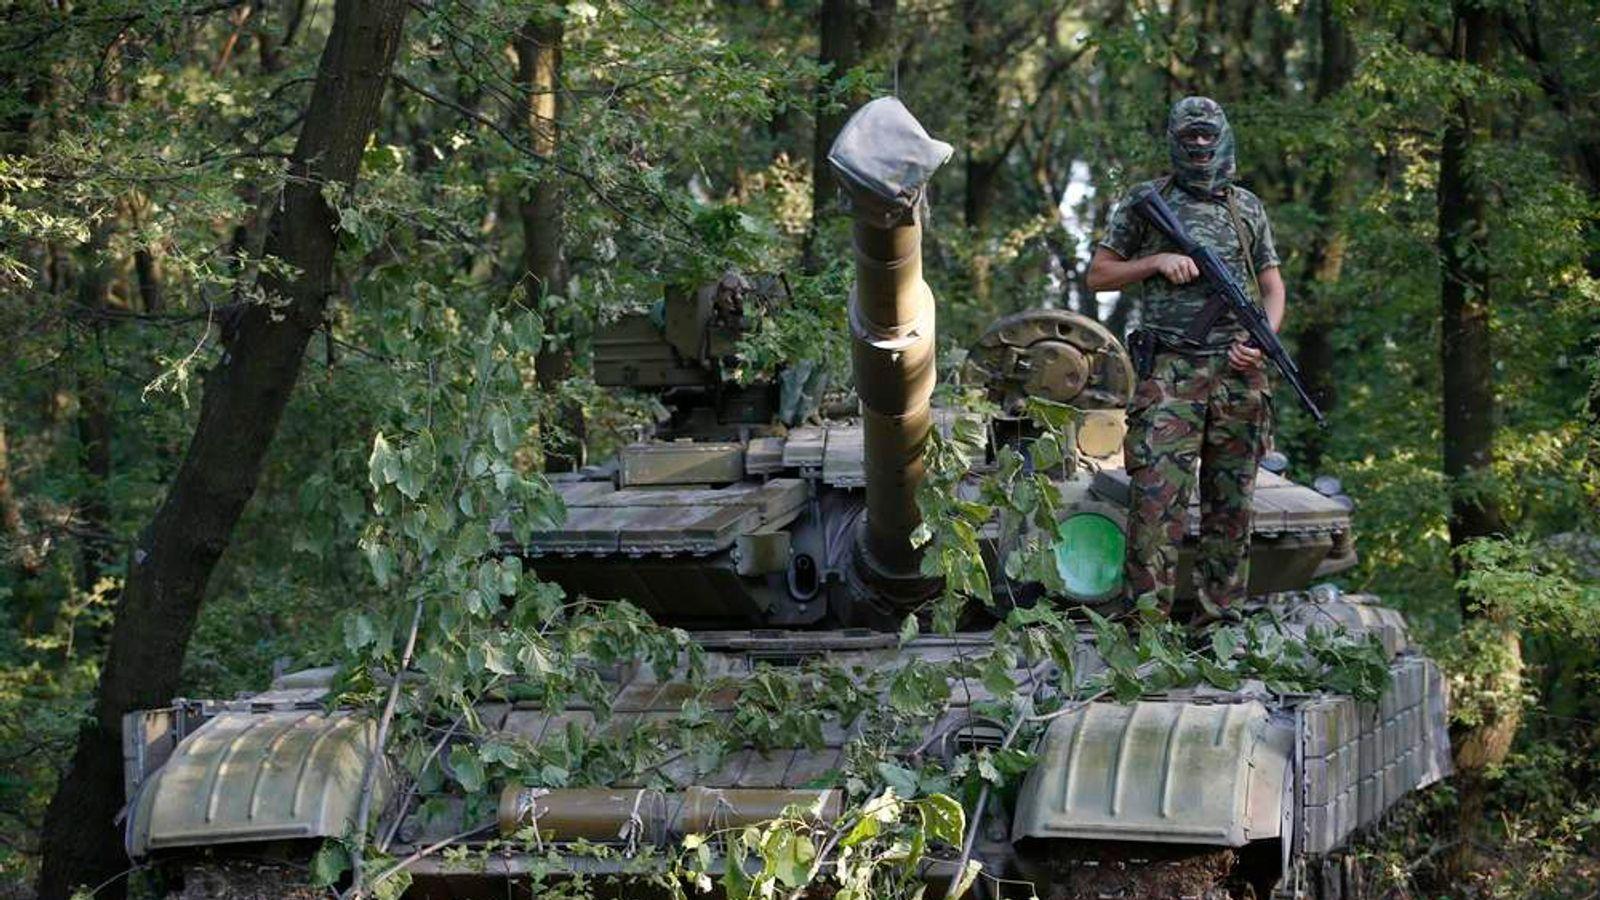 Pro-Russian Rebel Fighter On Tank In Eastern Ukraine